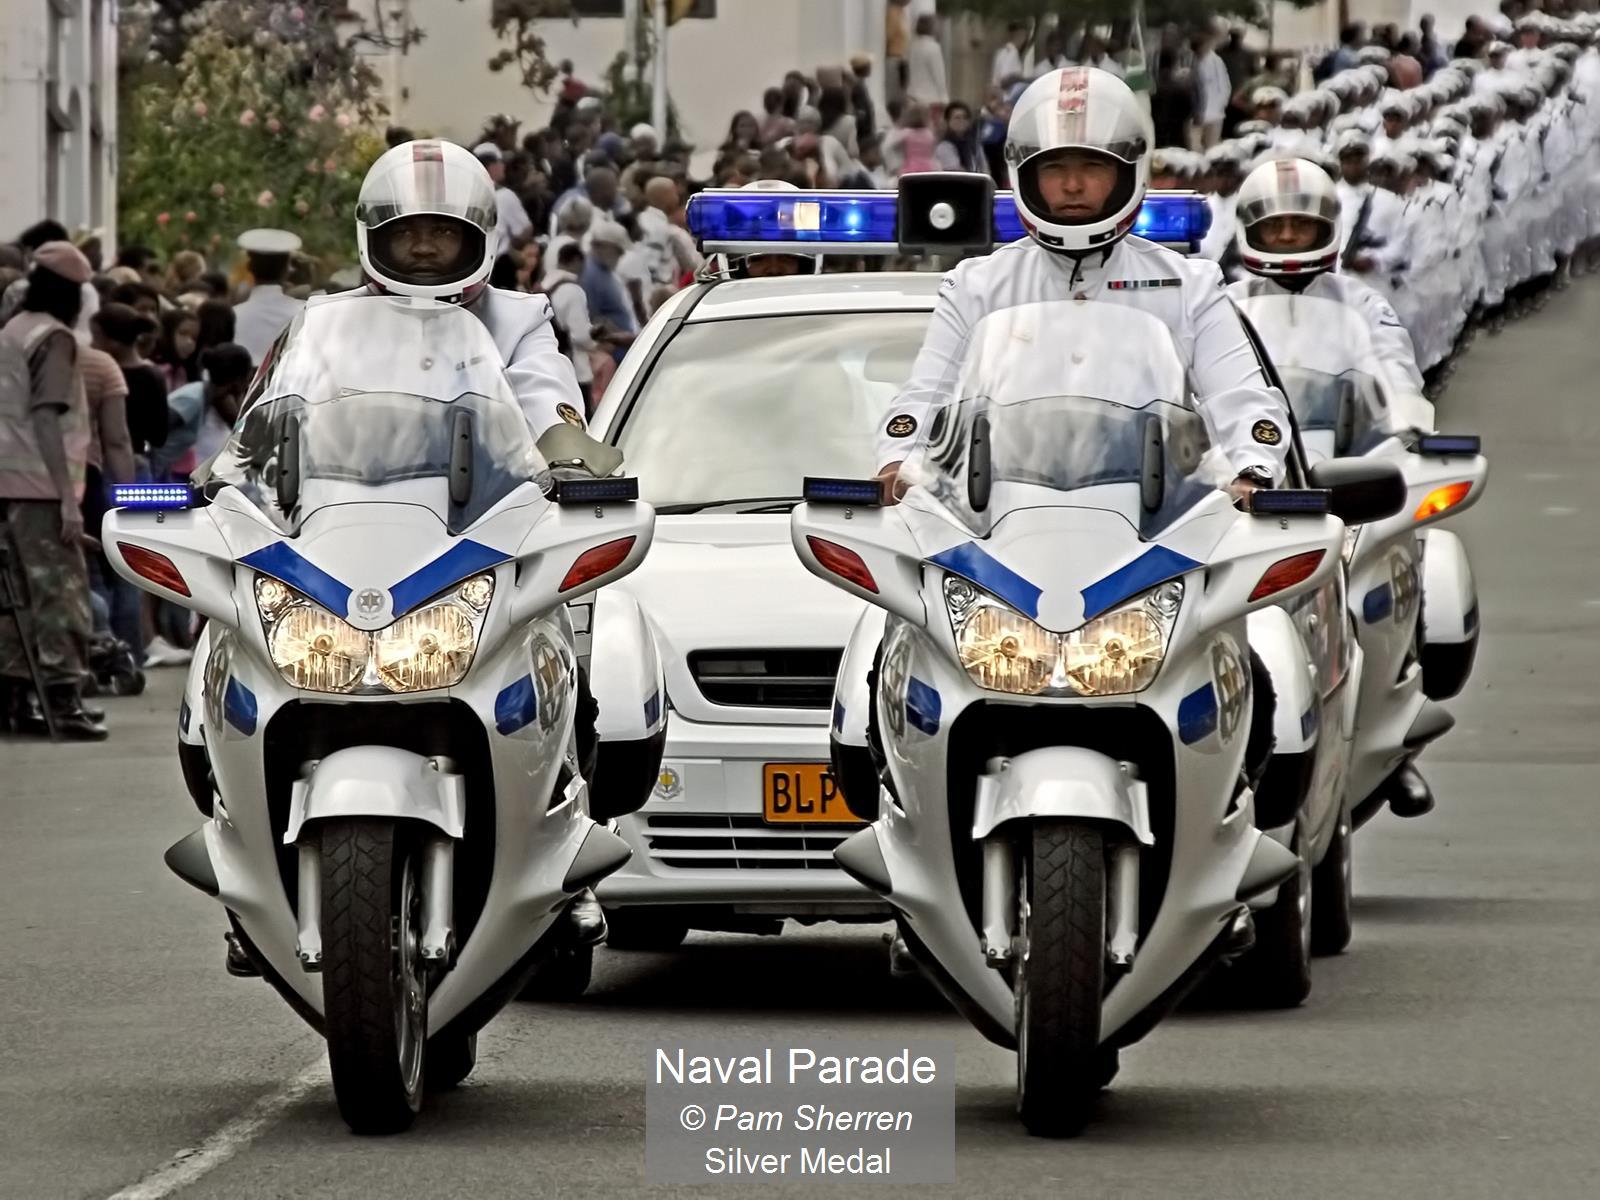 Pam Sherren_Naval Parade_Silver